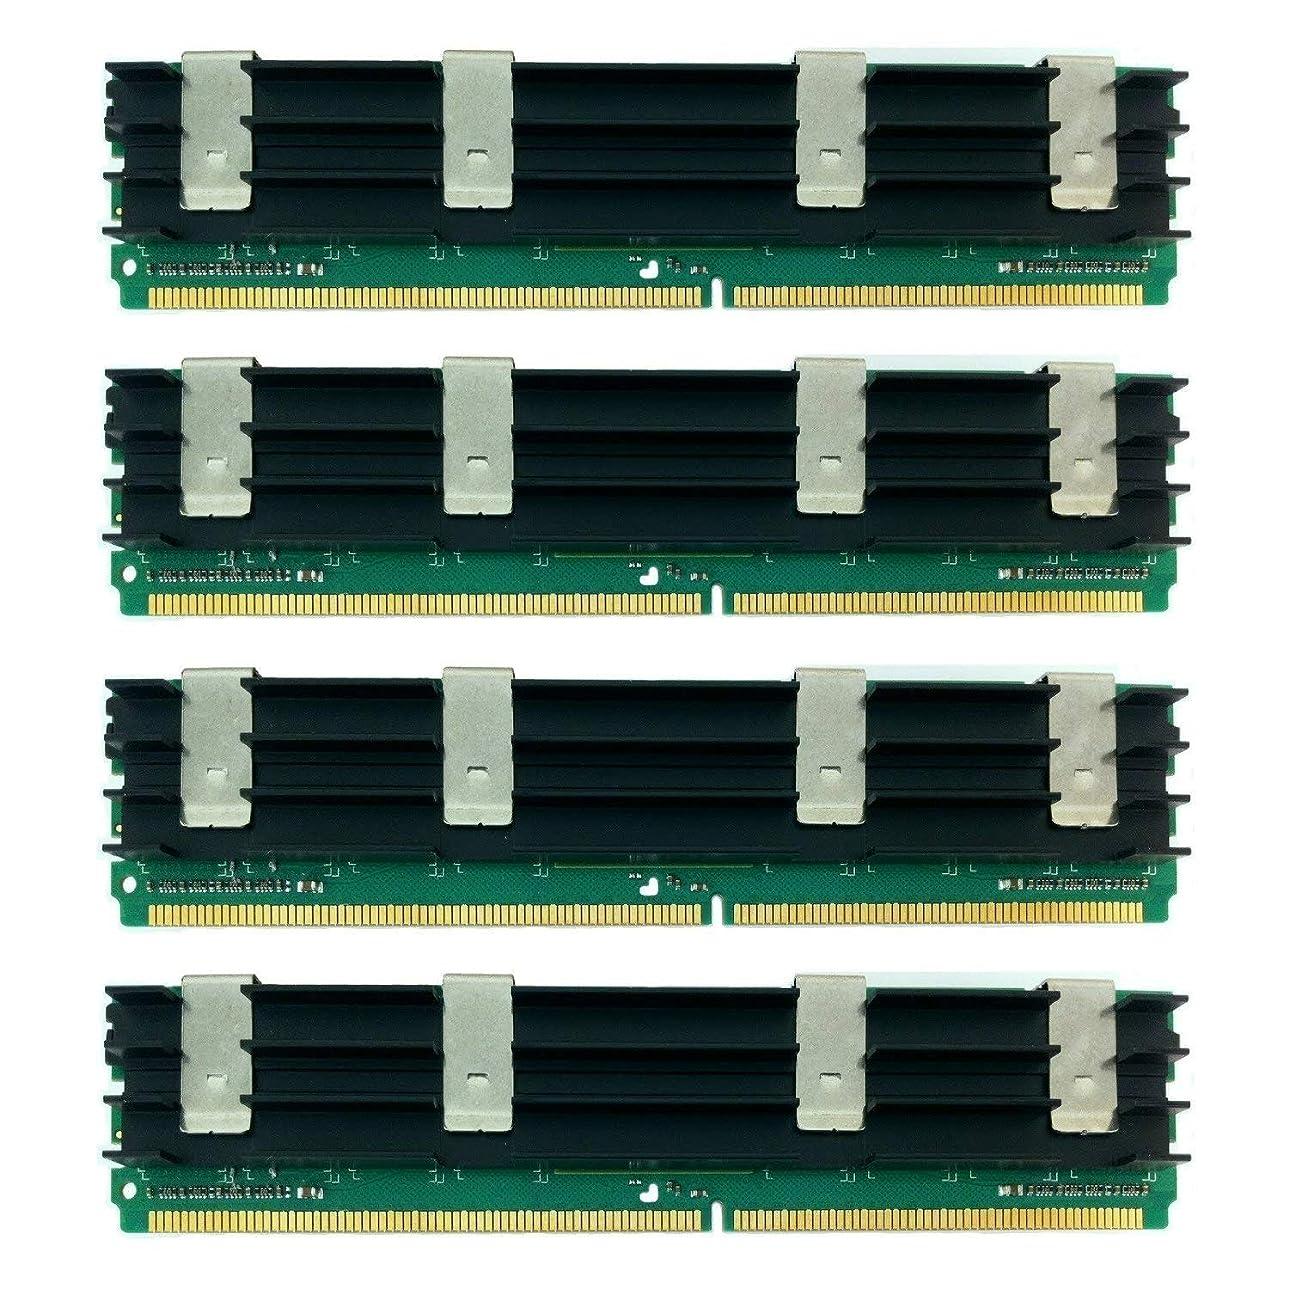 知り合い誕生日溶かすMemoryMasters 16GB (4X 4GB) 240ピン 667MHz PC2-5300F DDR2 CL5 ECC フルバッファーFB-DIMM メモリーモジュール